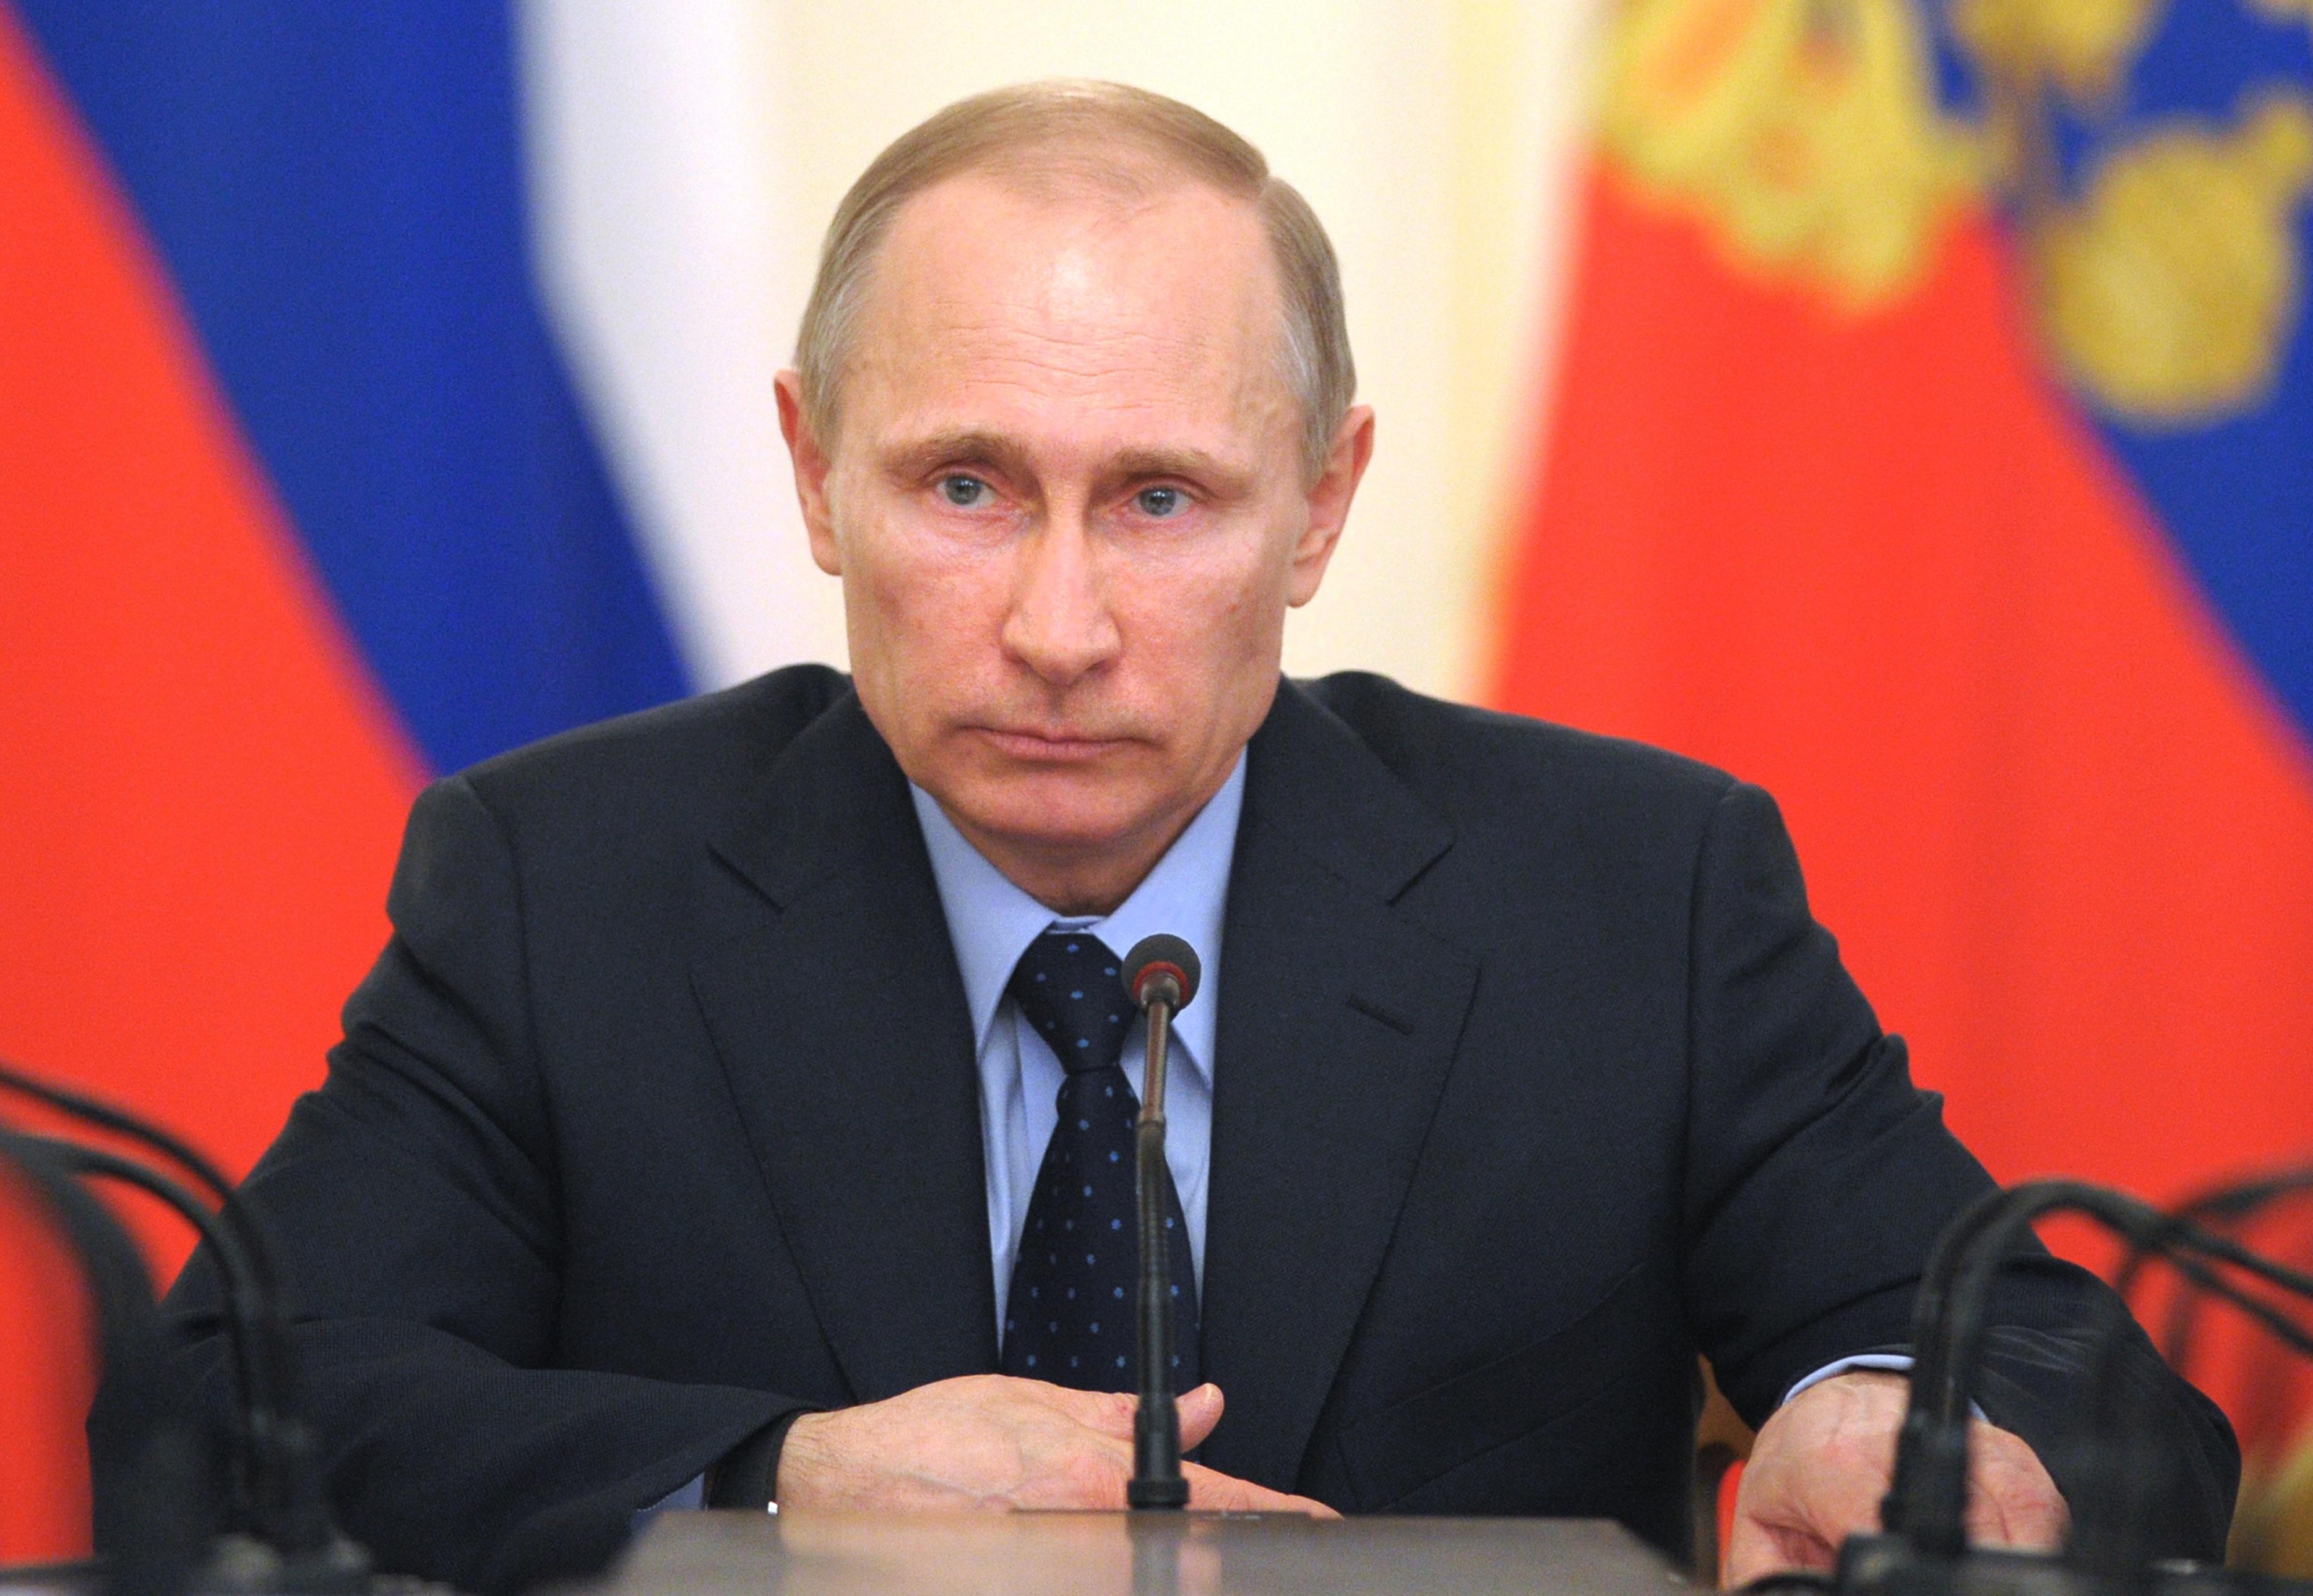 Vladimir Putin i-a adresat un mesaj de felicitare lui Klaus Iohannis